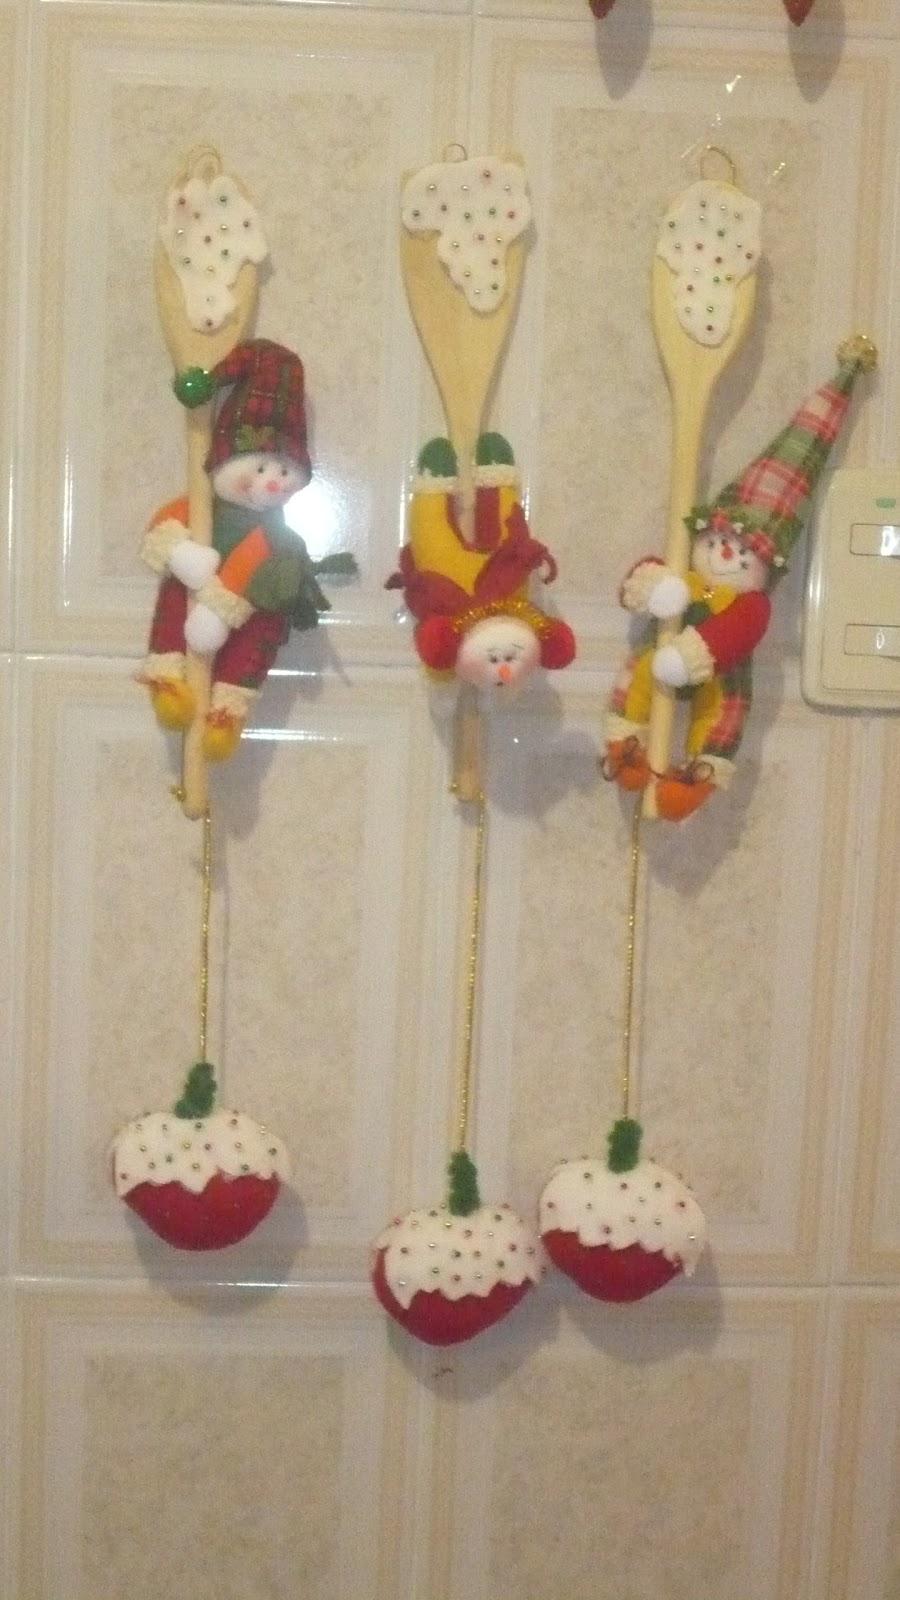 Adornos de navidad en la cocina for Adornos para cocina